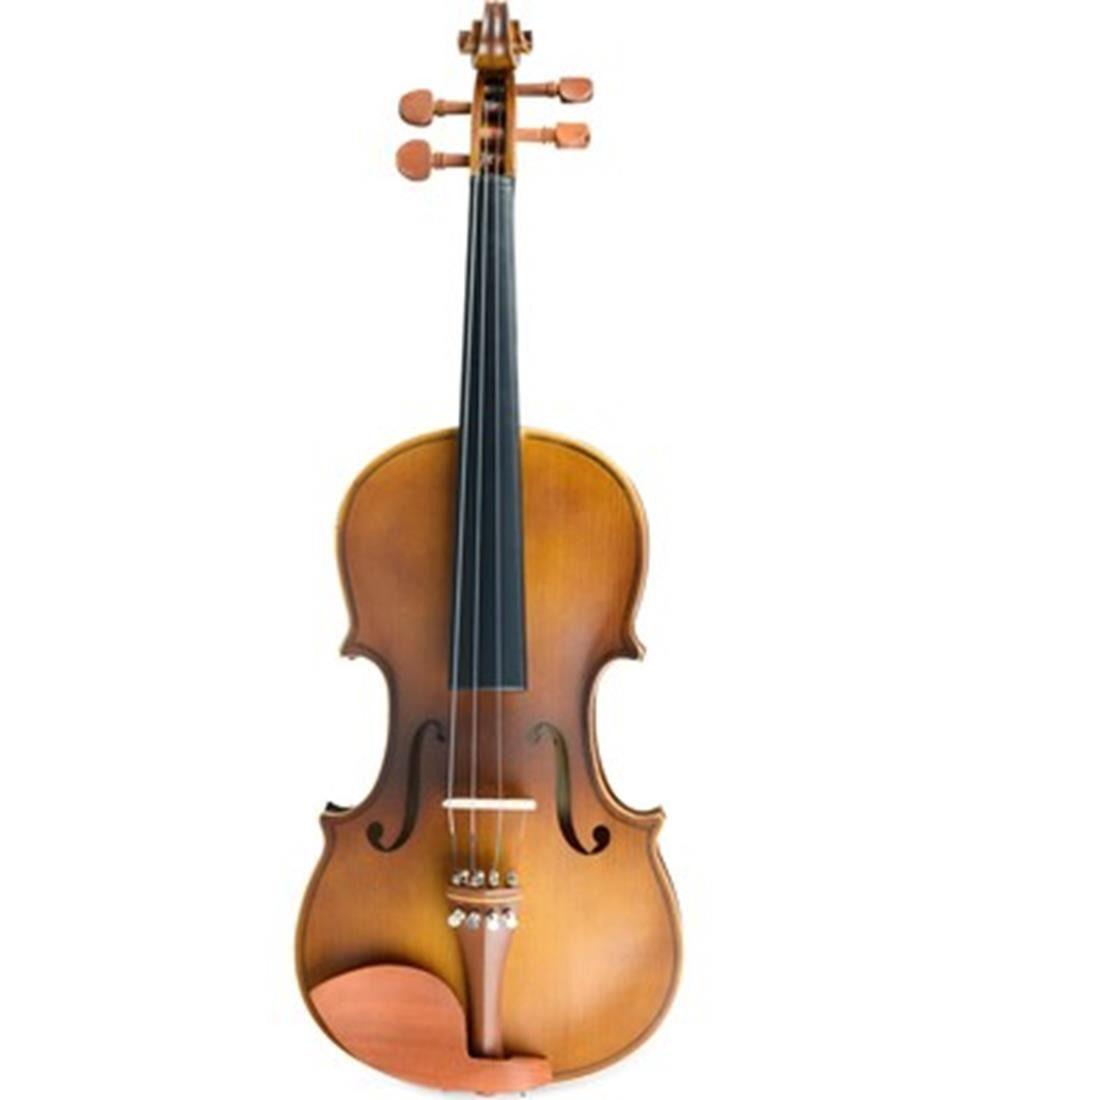 Violino 4/4 Concert Cv50 - Com Estojo, Arco e Breu   - Luggi Instrumentos Musicais